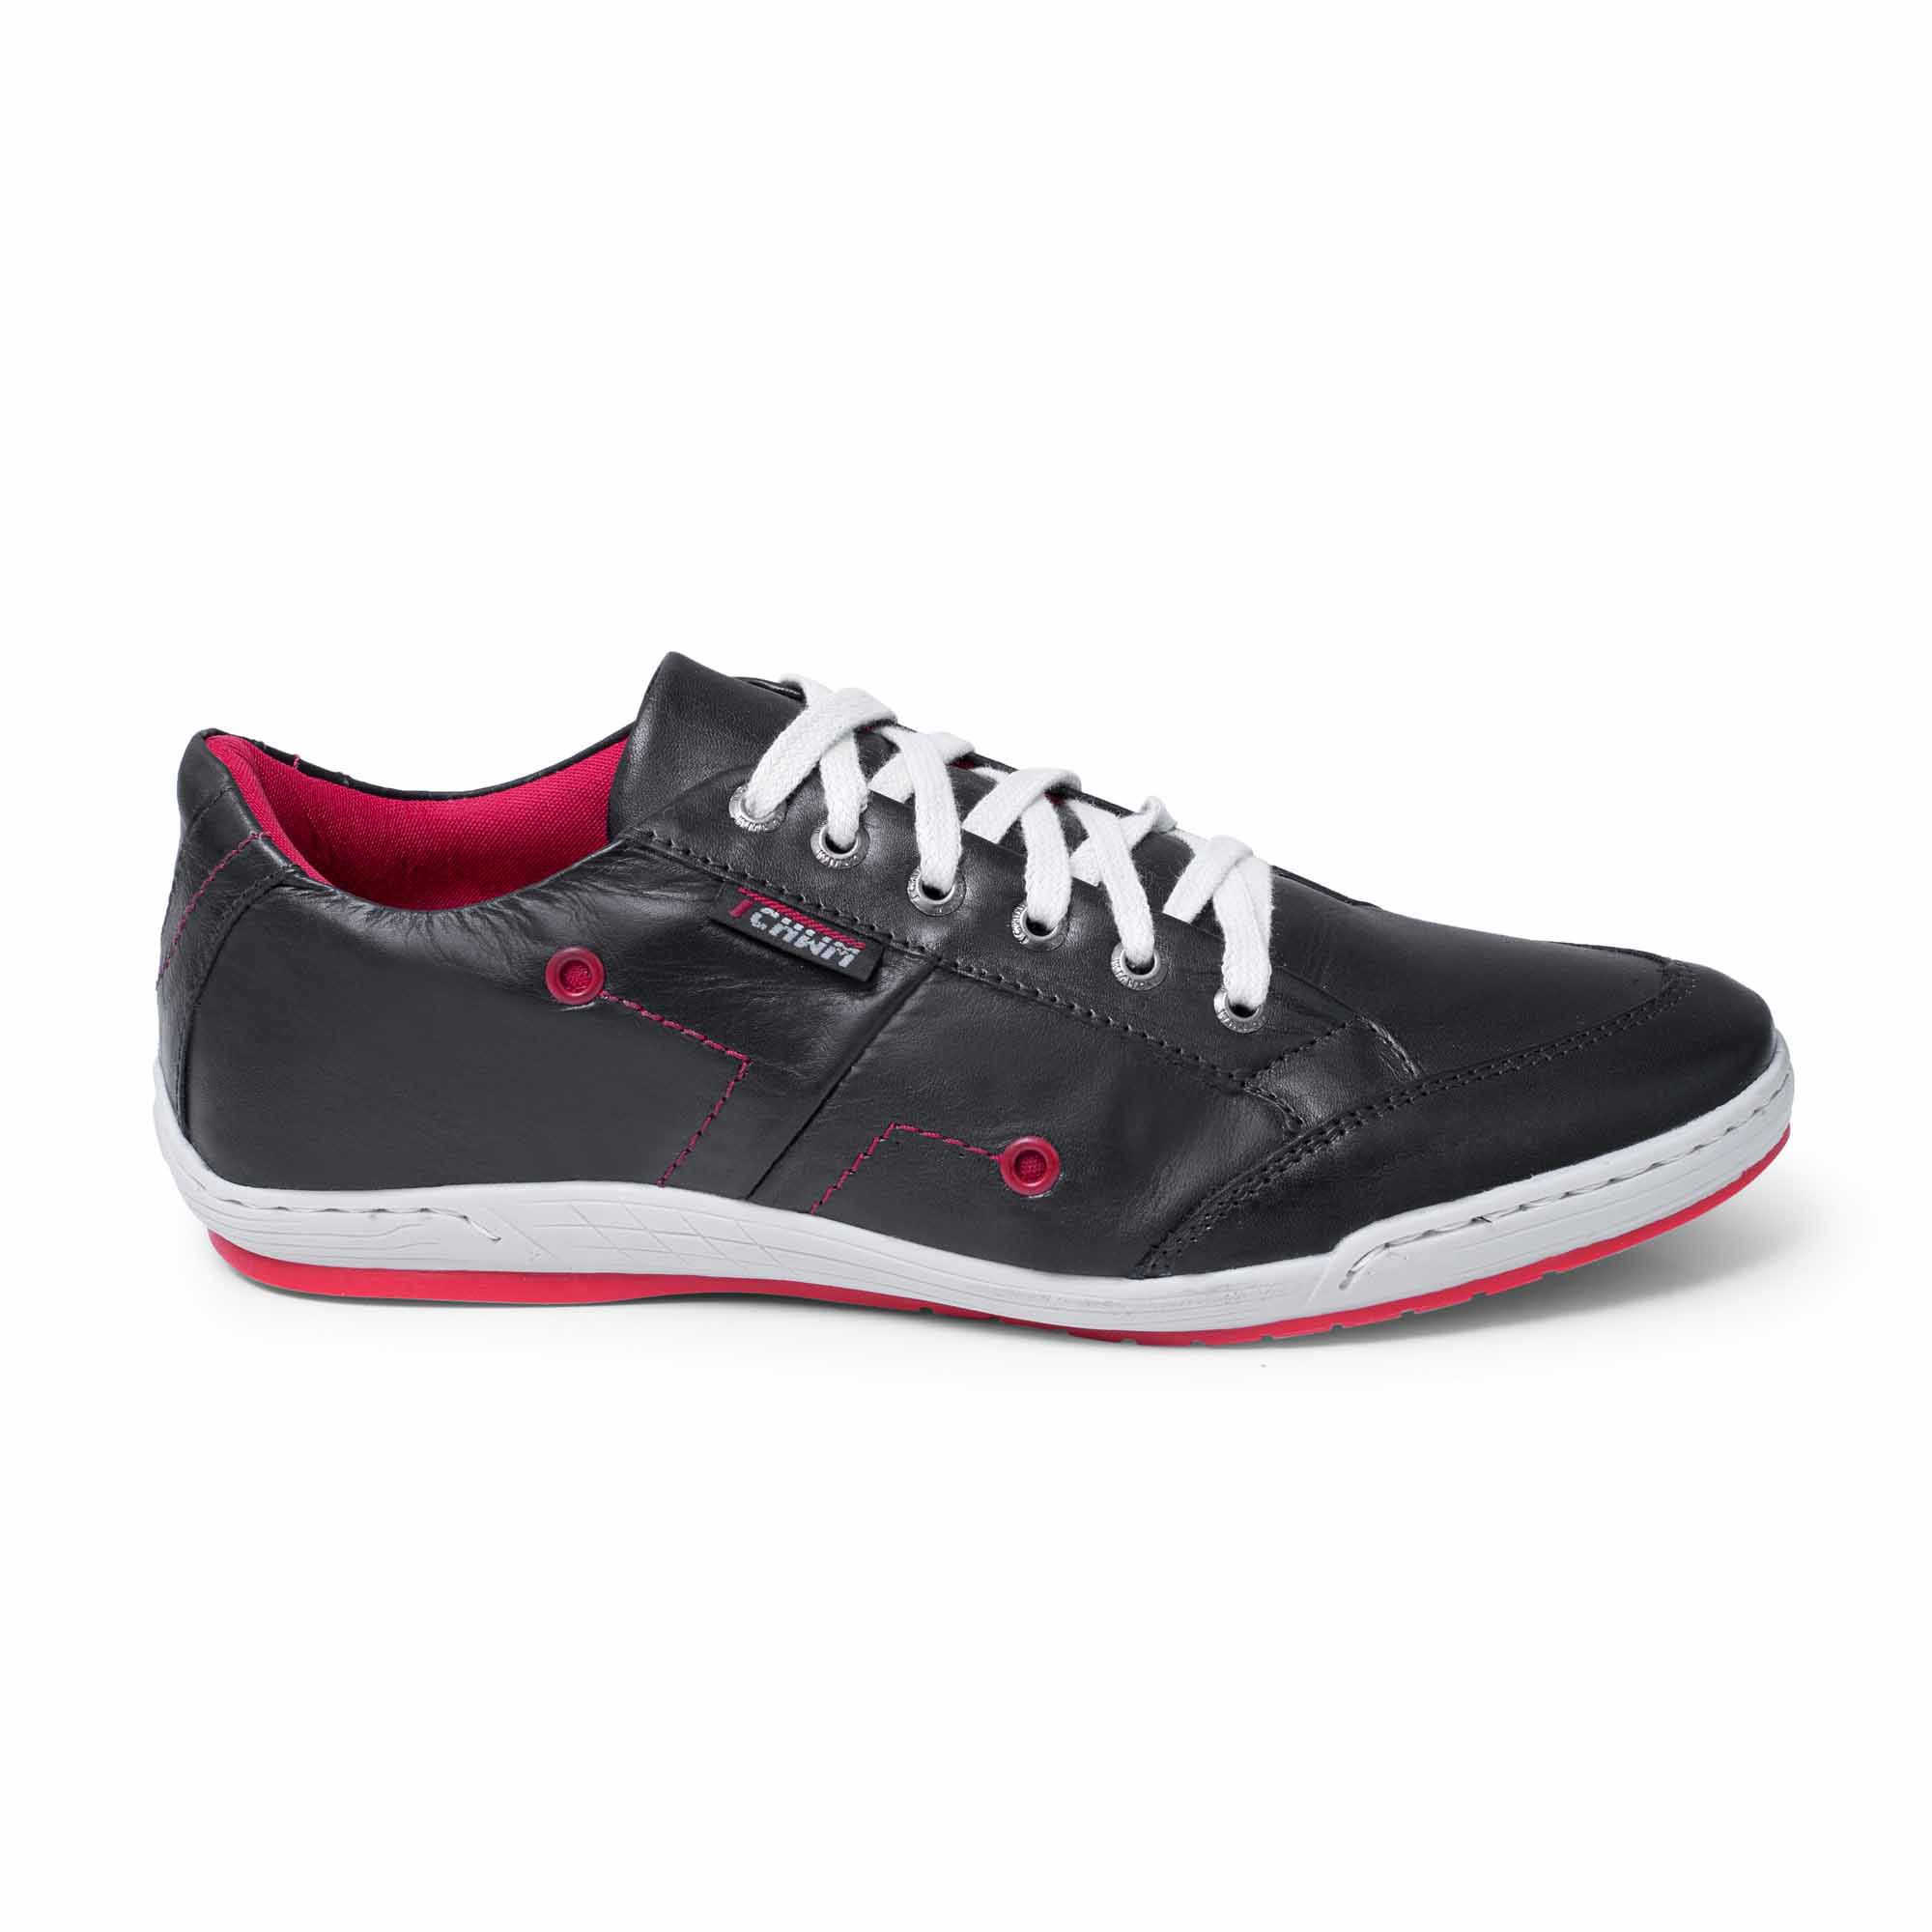 Sapatênis Stilo Cadarço Tchwm Shoes Couro Fóssil - Preto